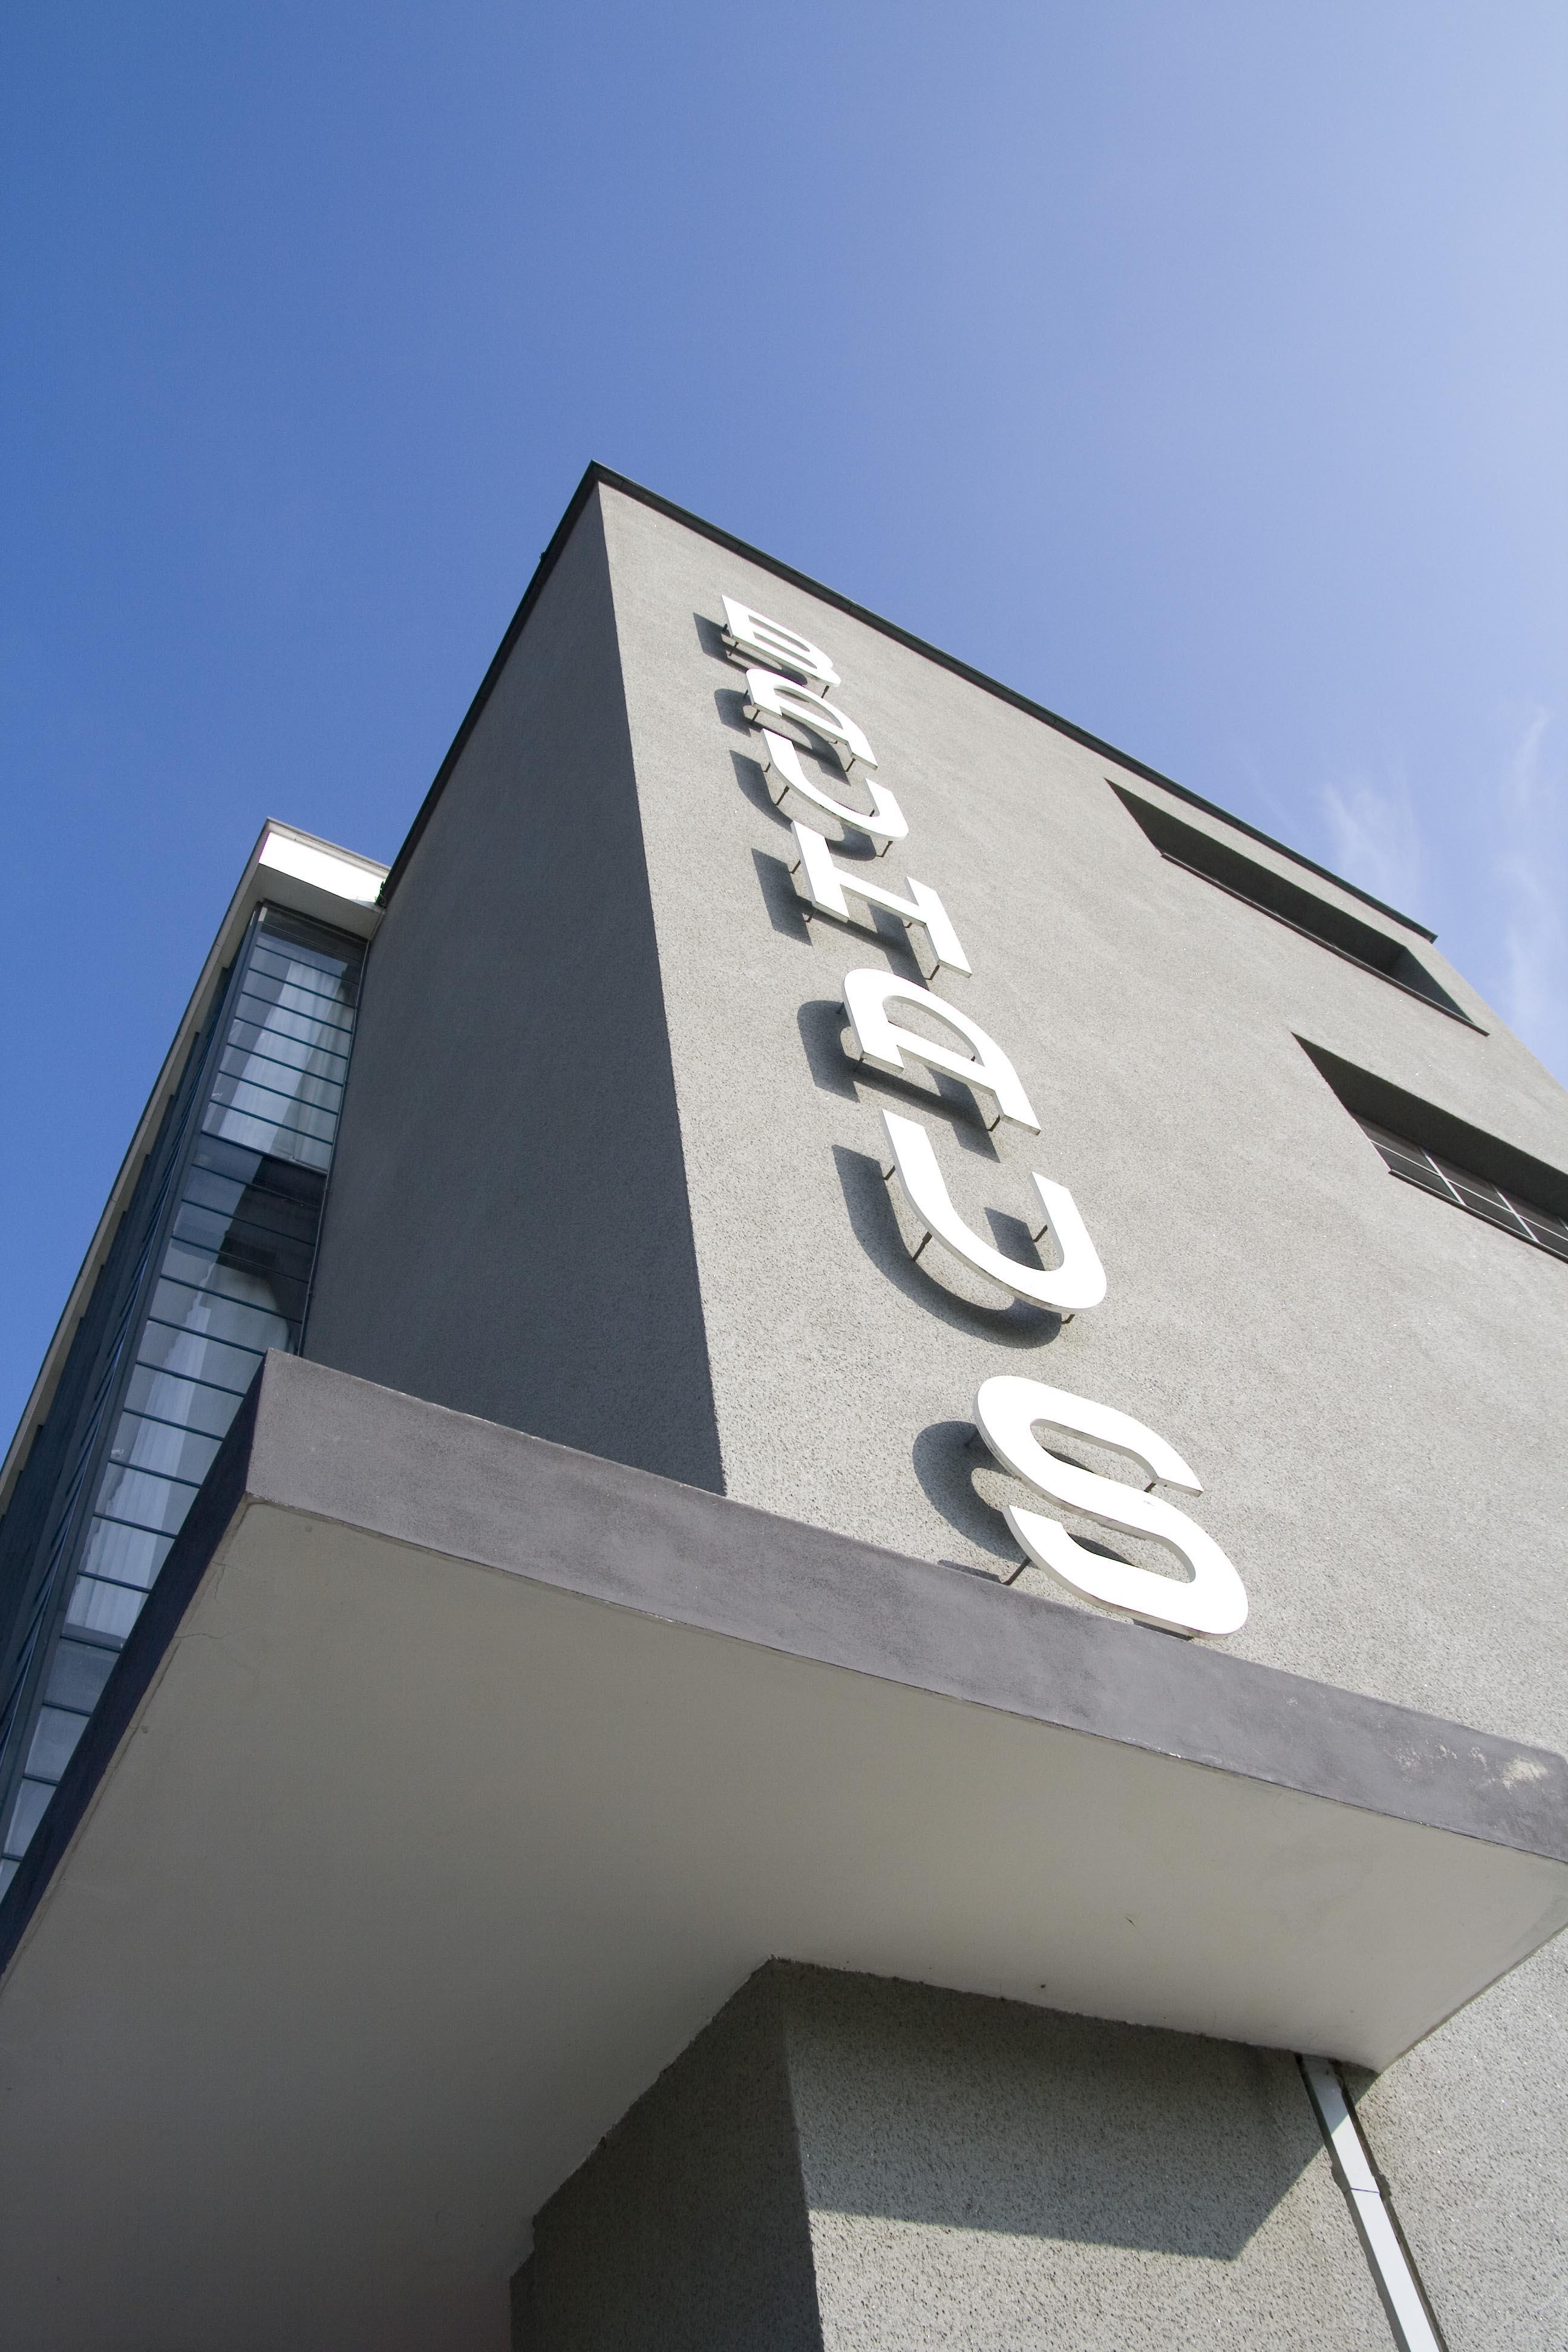 triennale der moderne | berlin, weimar, dessau 2013, Hause ideen